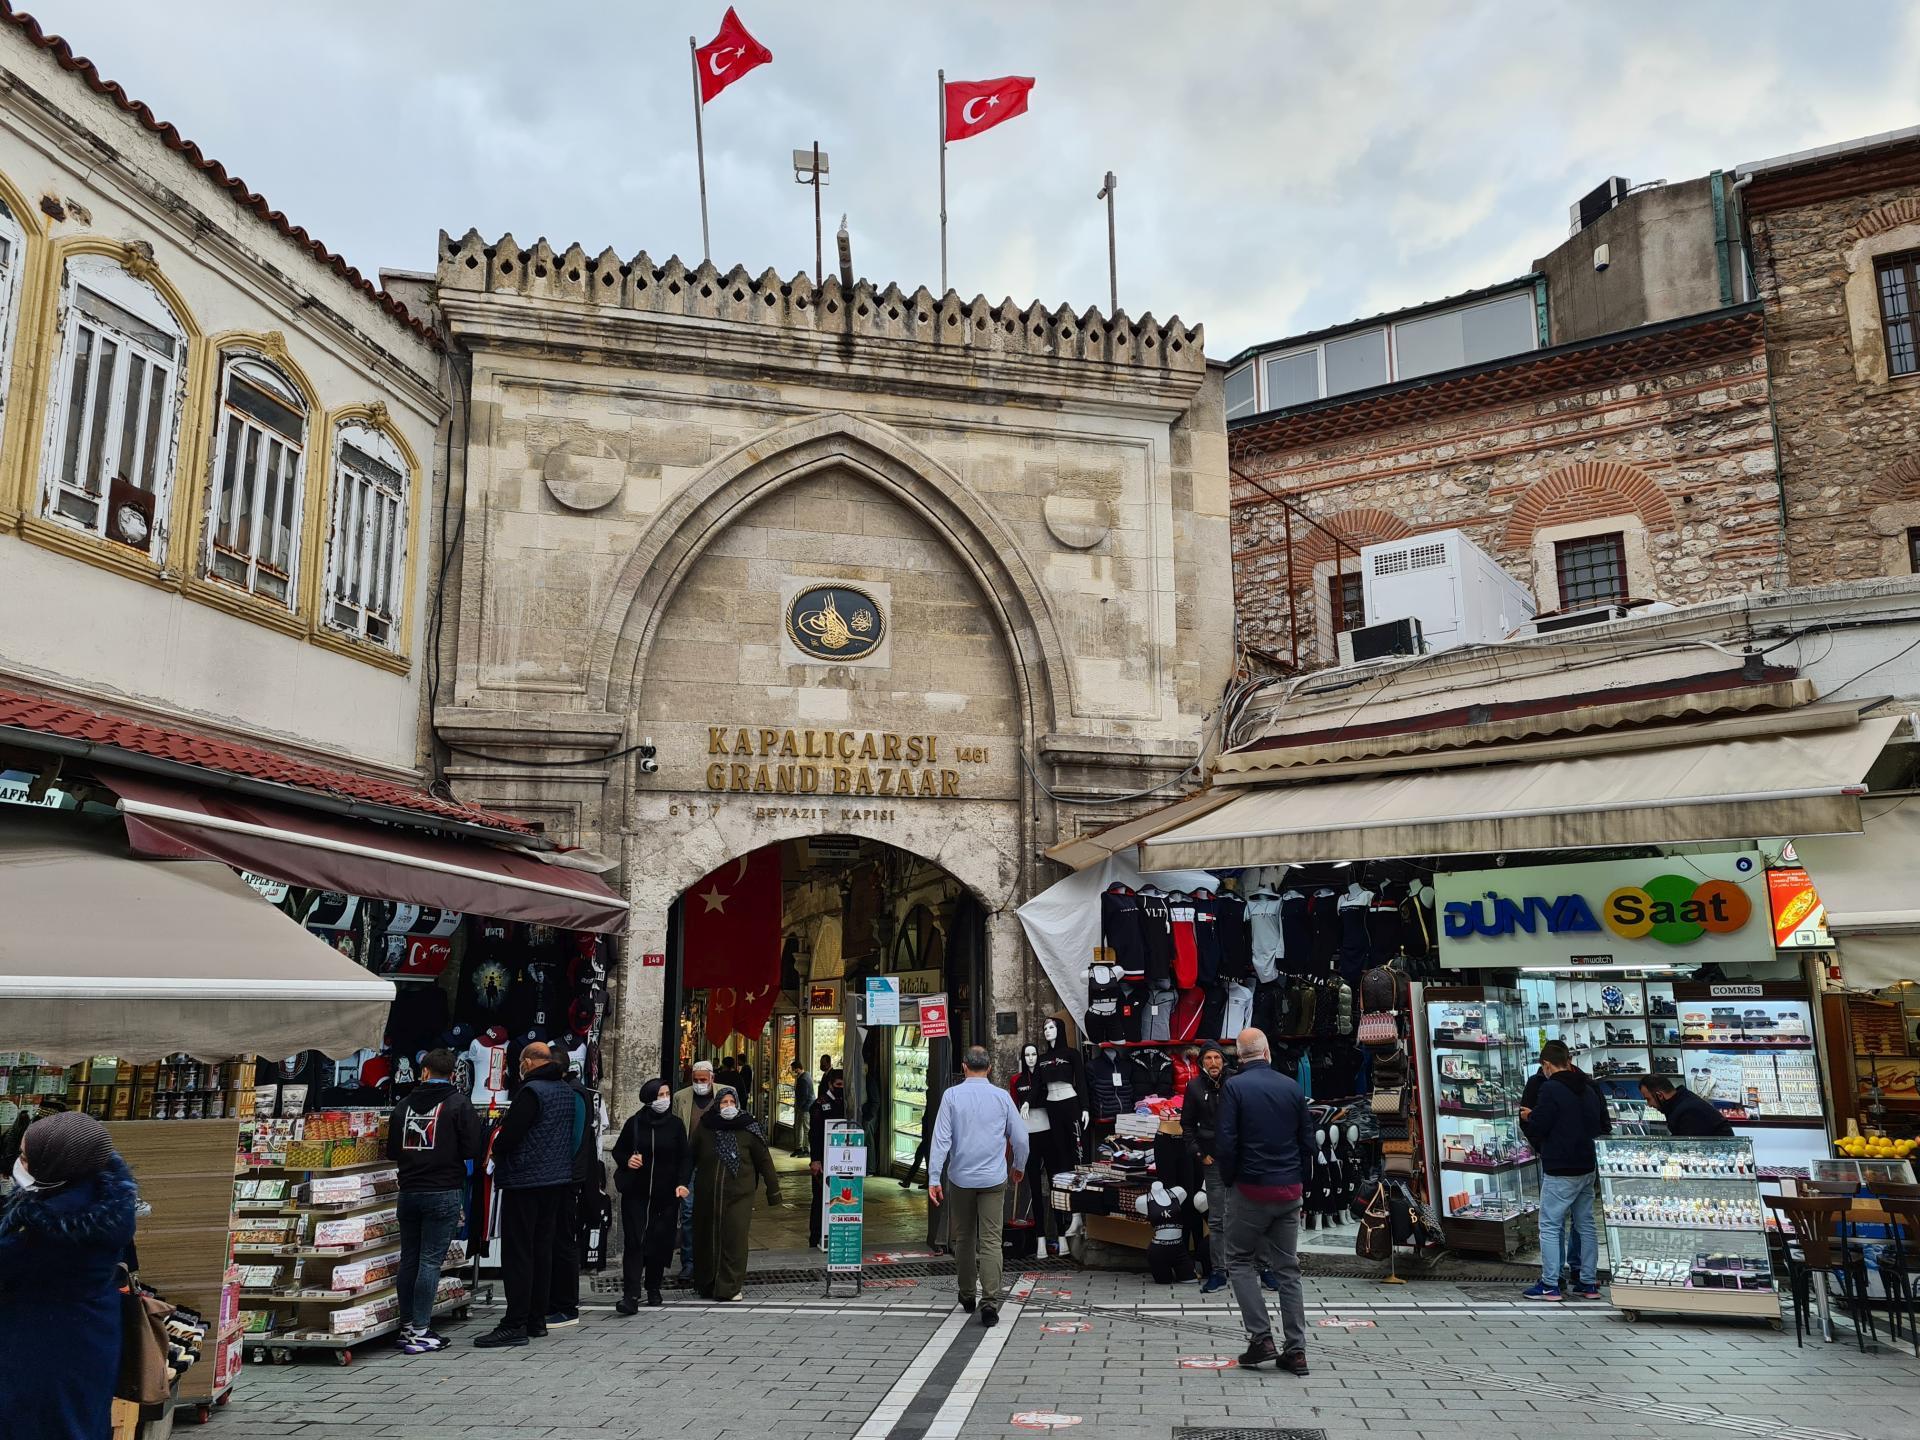 вход на рынок Гранд-Базар, Стамбул